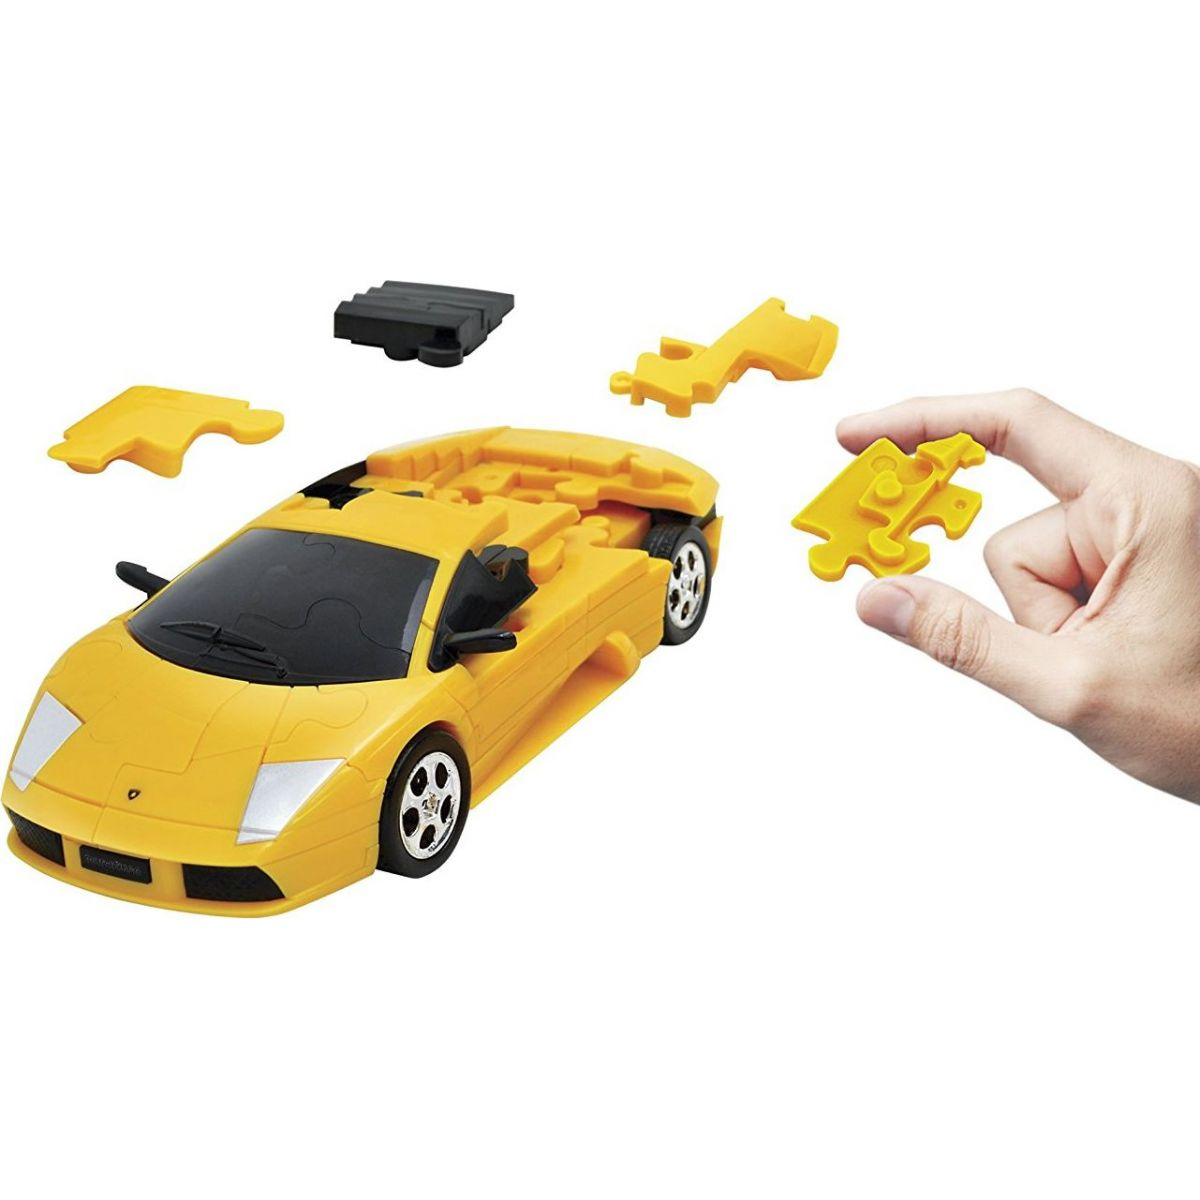 HM Studio 3D Puzzle 1:32 Lamborghini